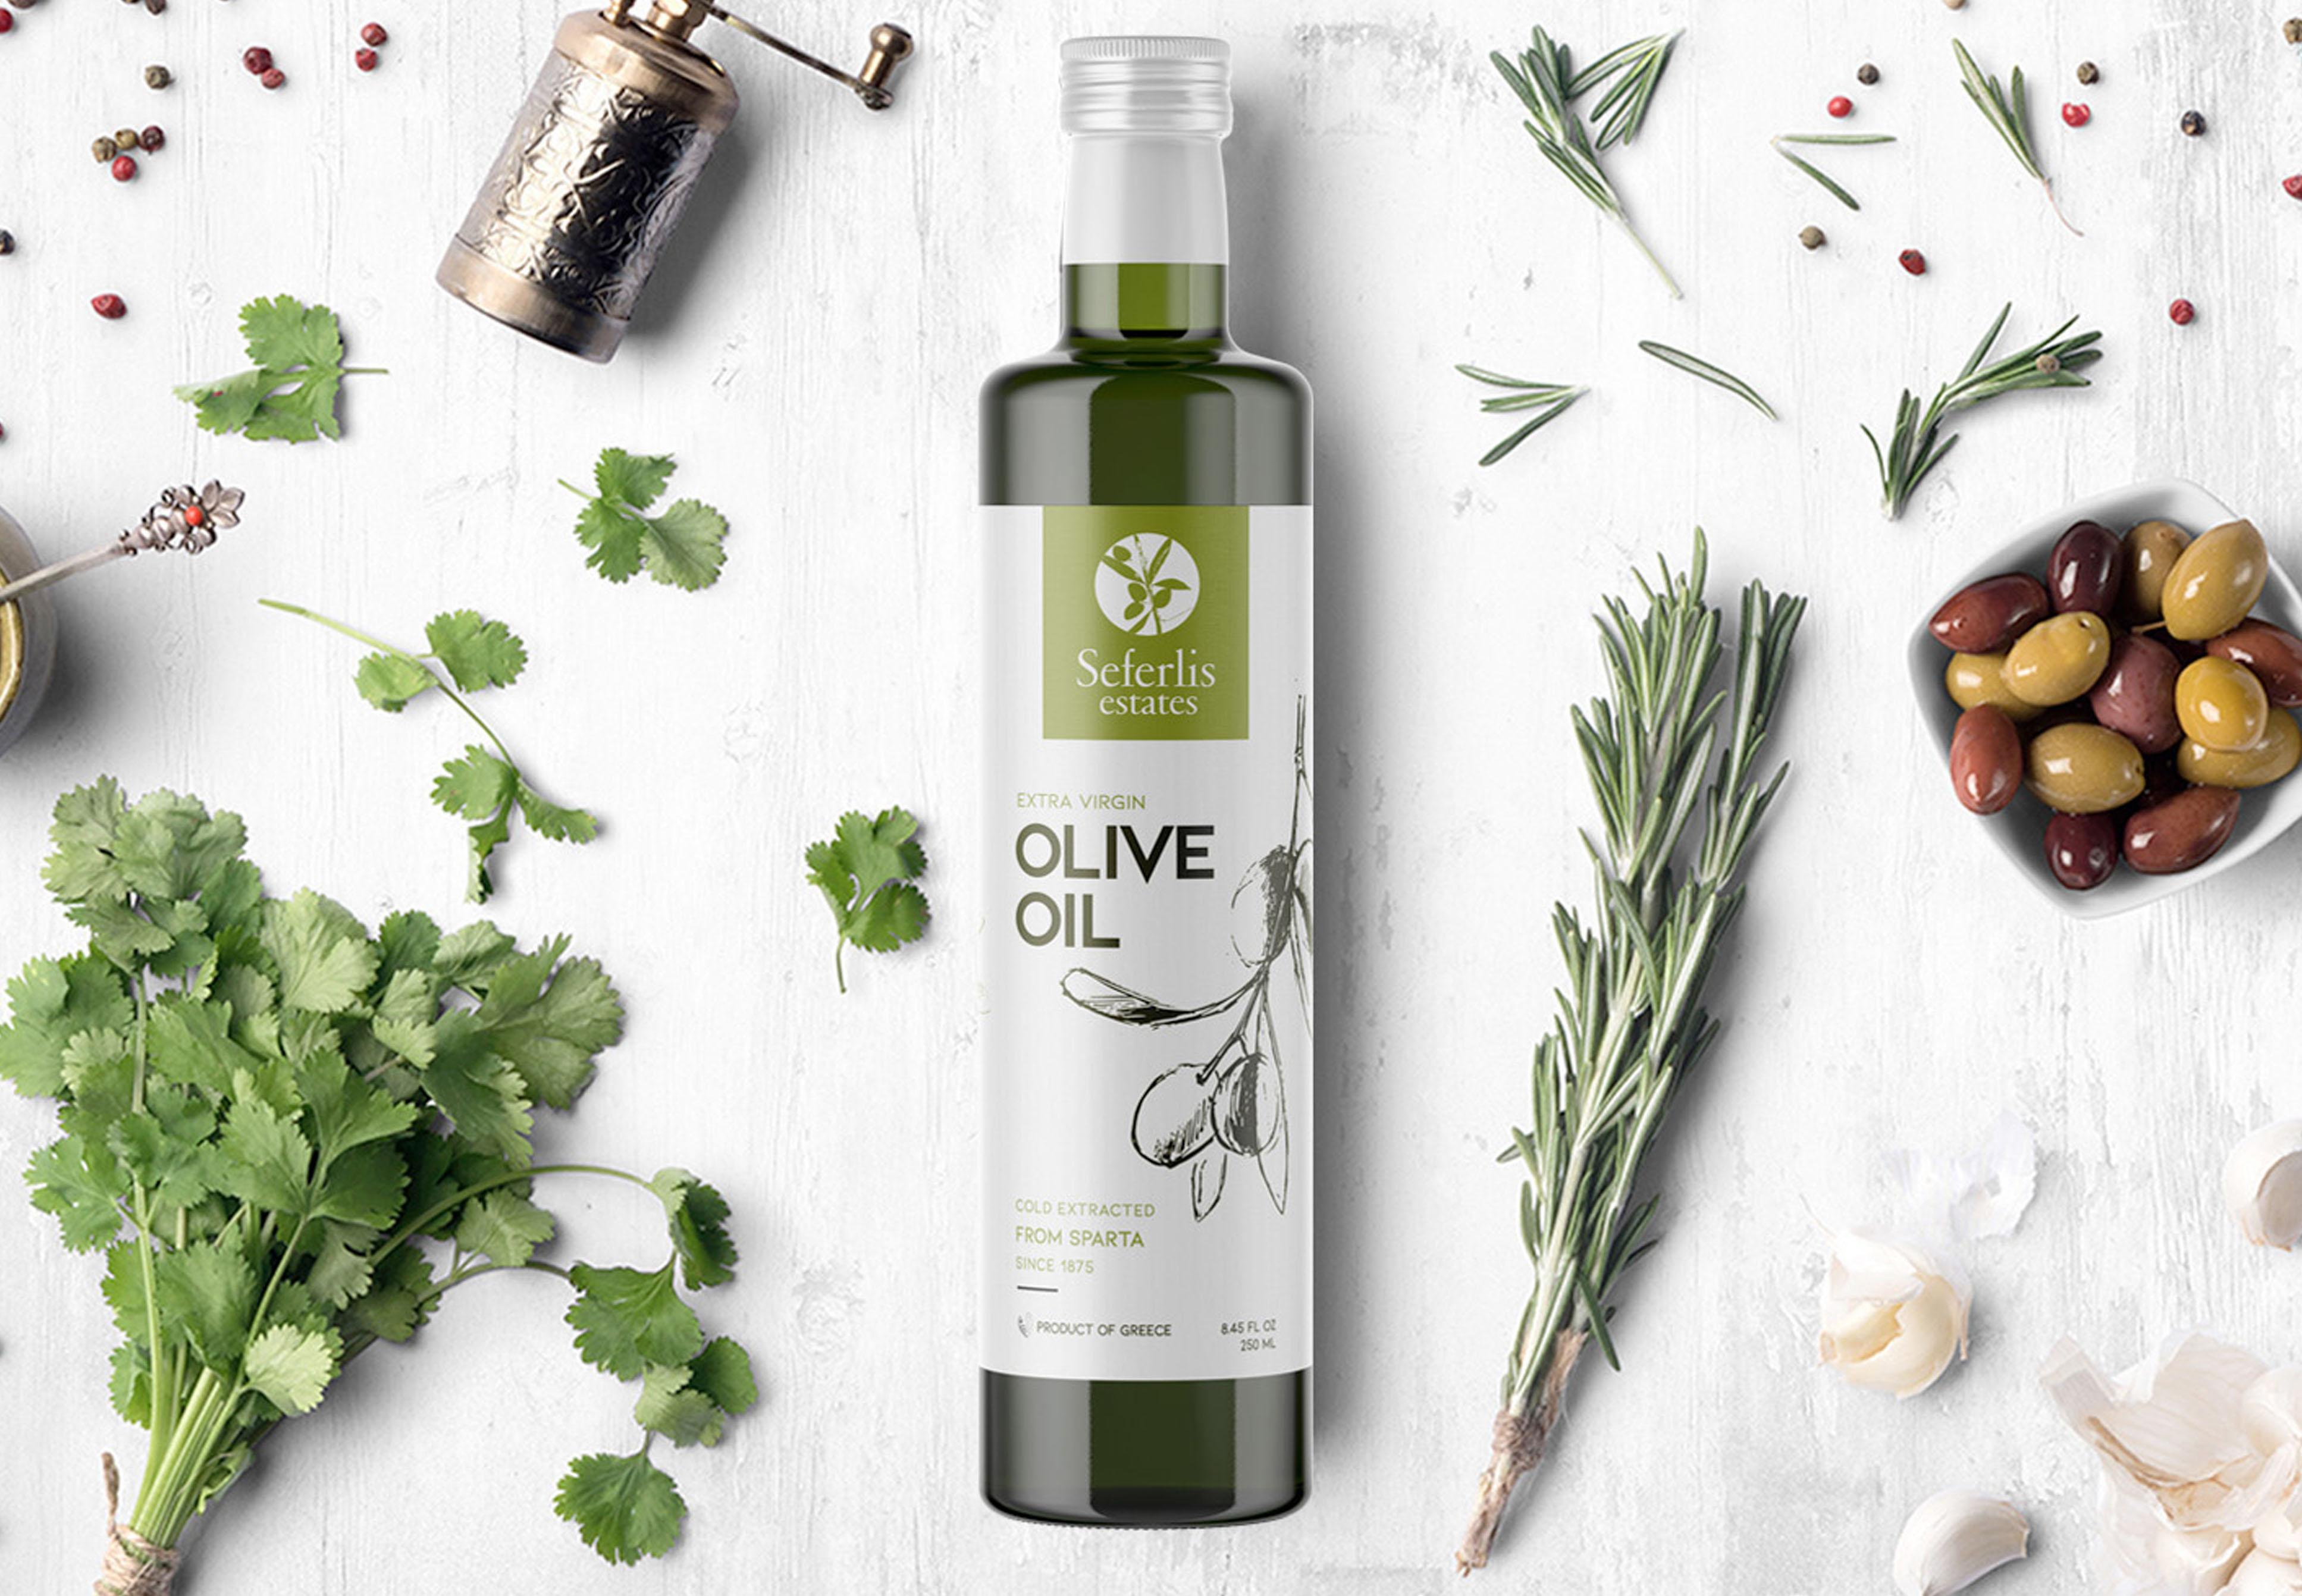 seferlis-olive-oil-label-packaging-design-agent-orange-design.jpg